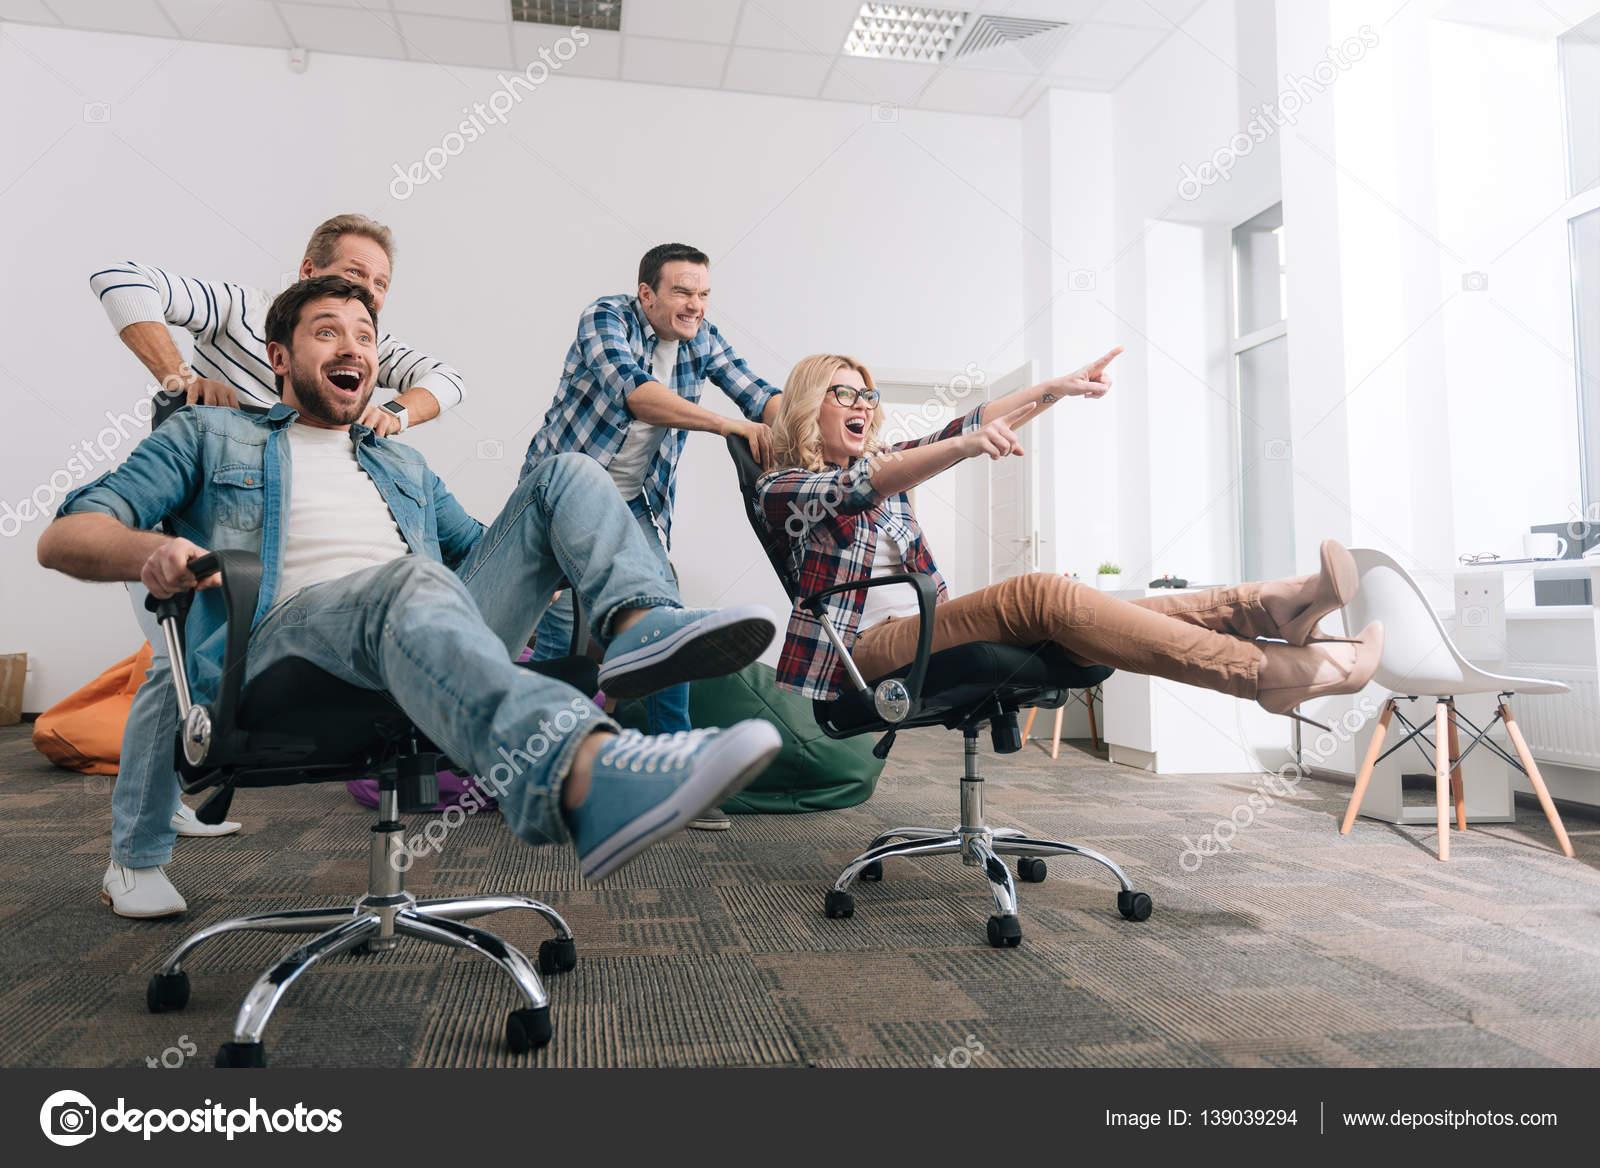 Fröhliche positive Menschen Reiten in die Drehstühle — Stockfoto ...